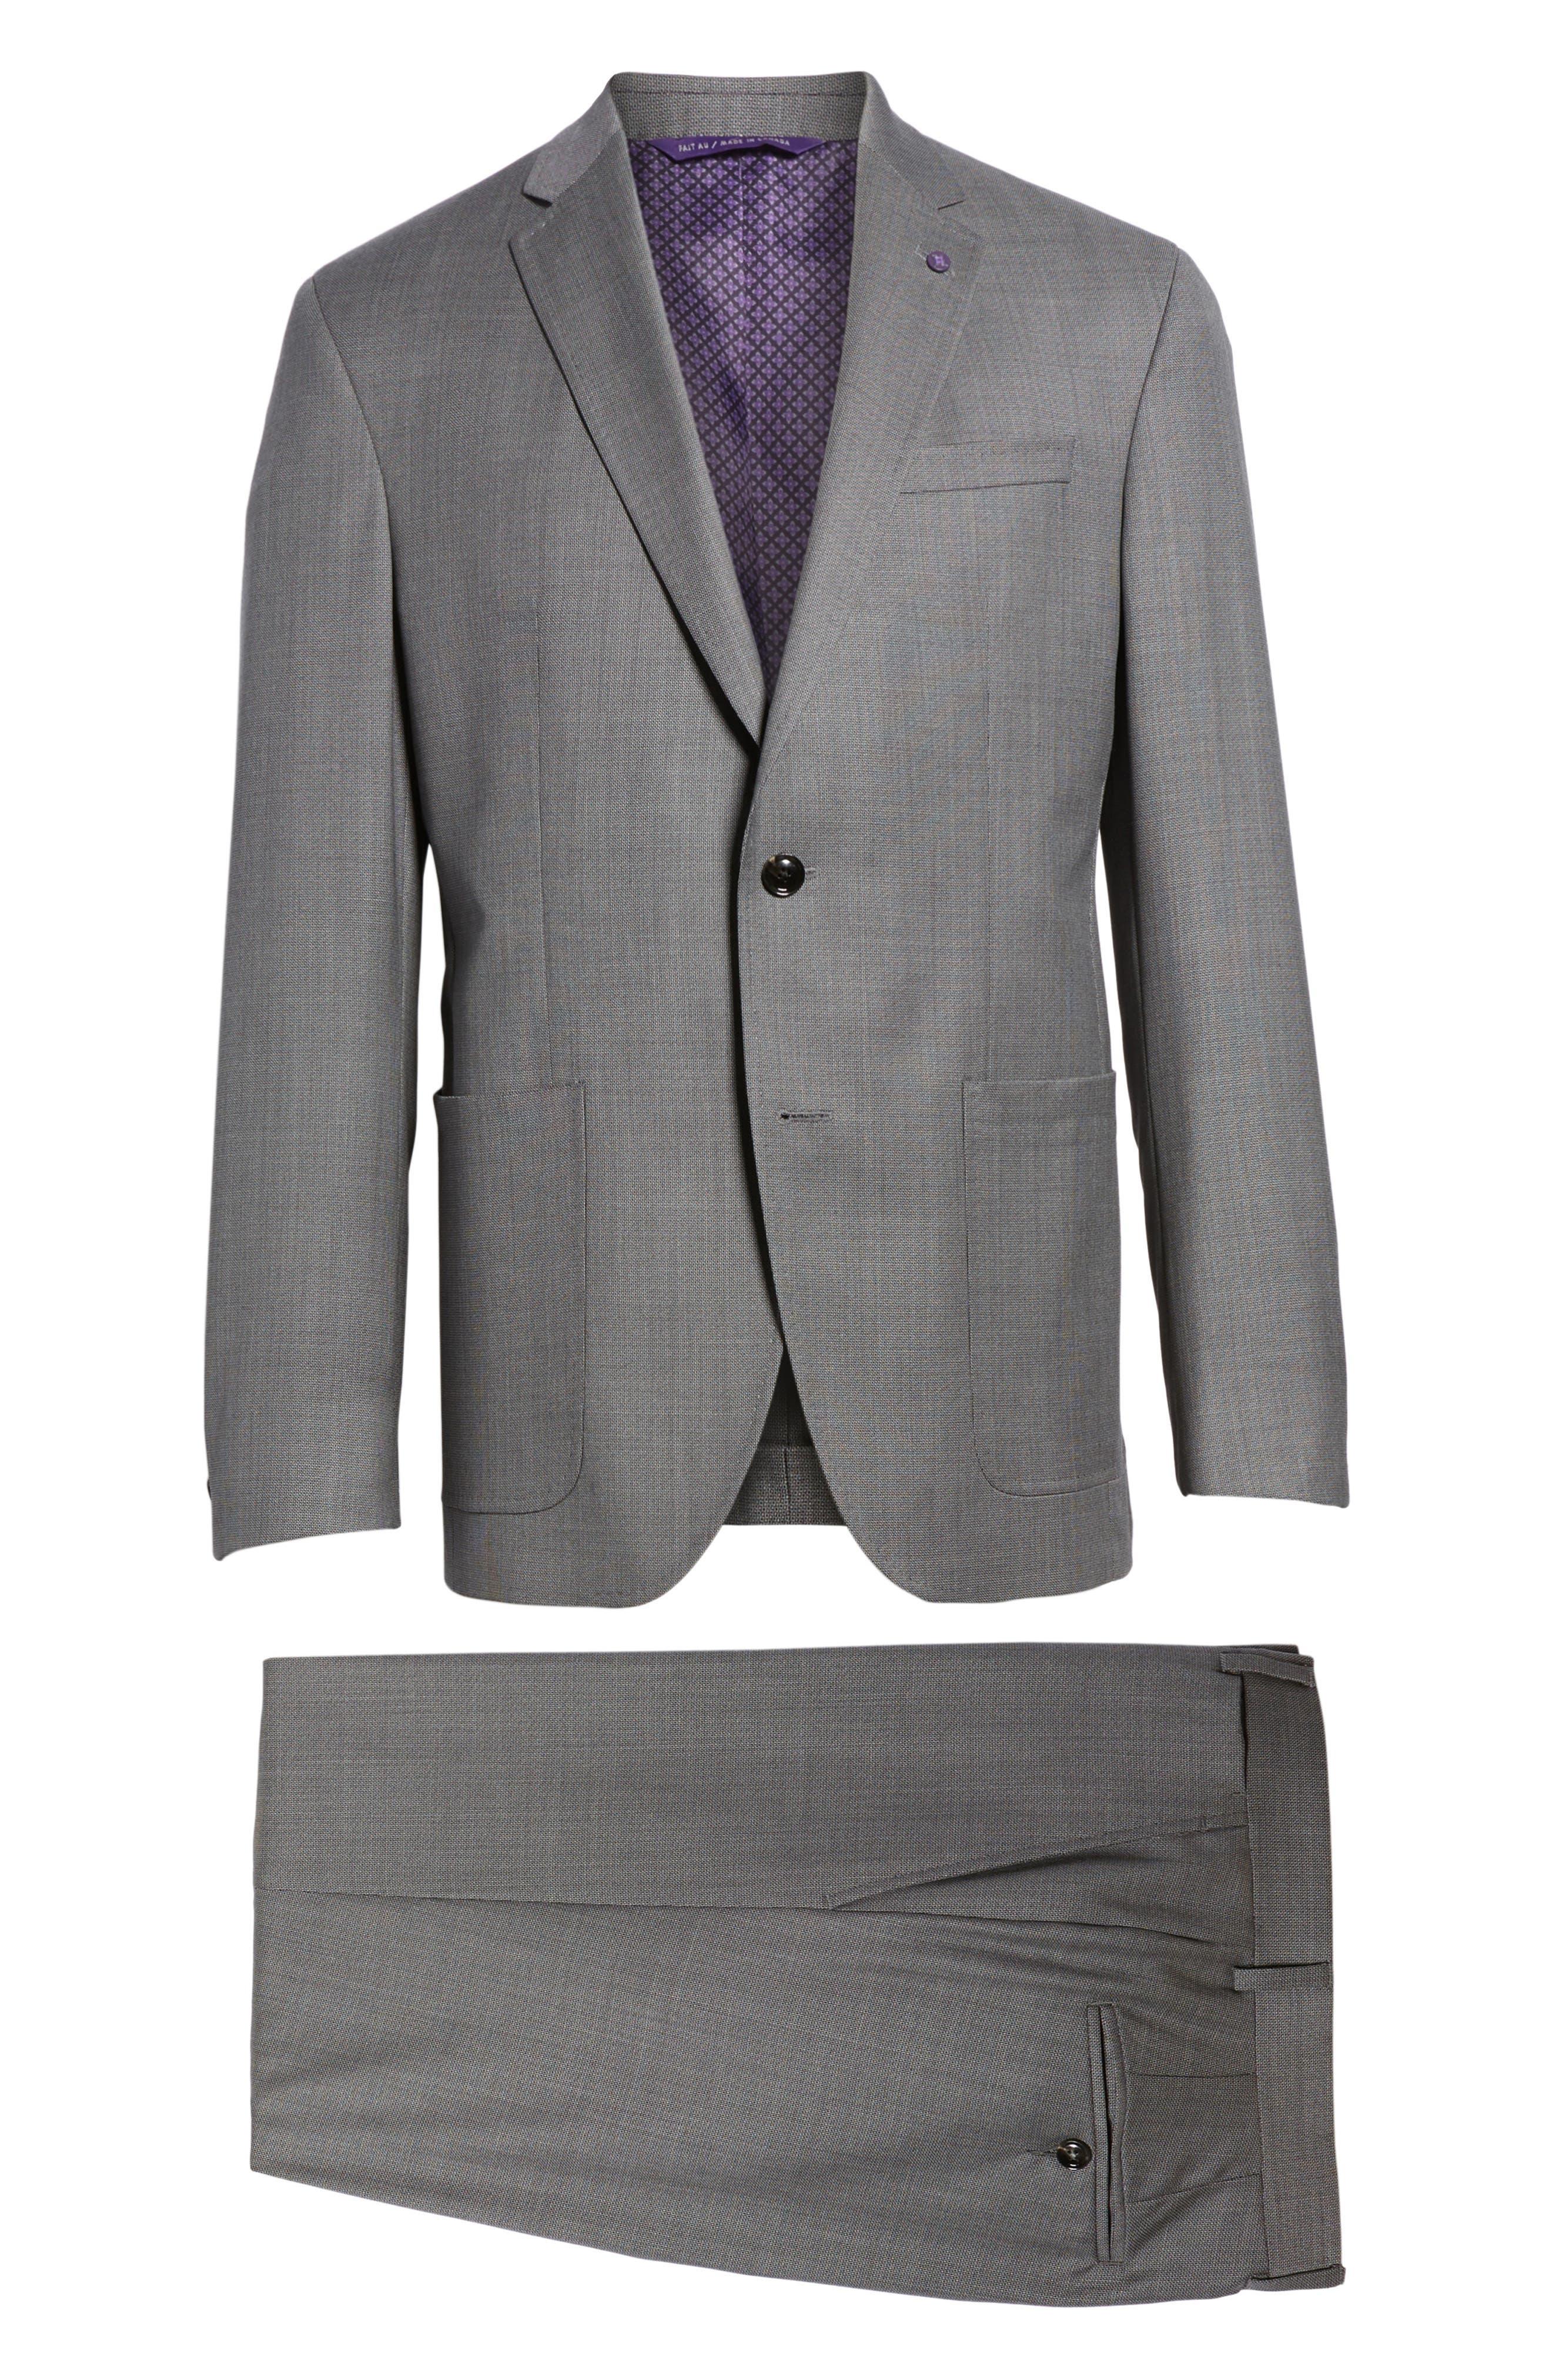 Kyle Trim Fit Solid Wool Suit,                             Alternate thumbnail 8, color,                             020